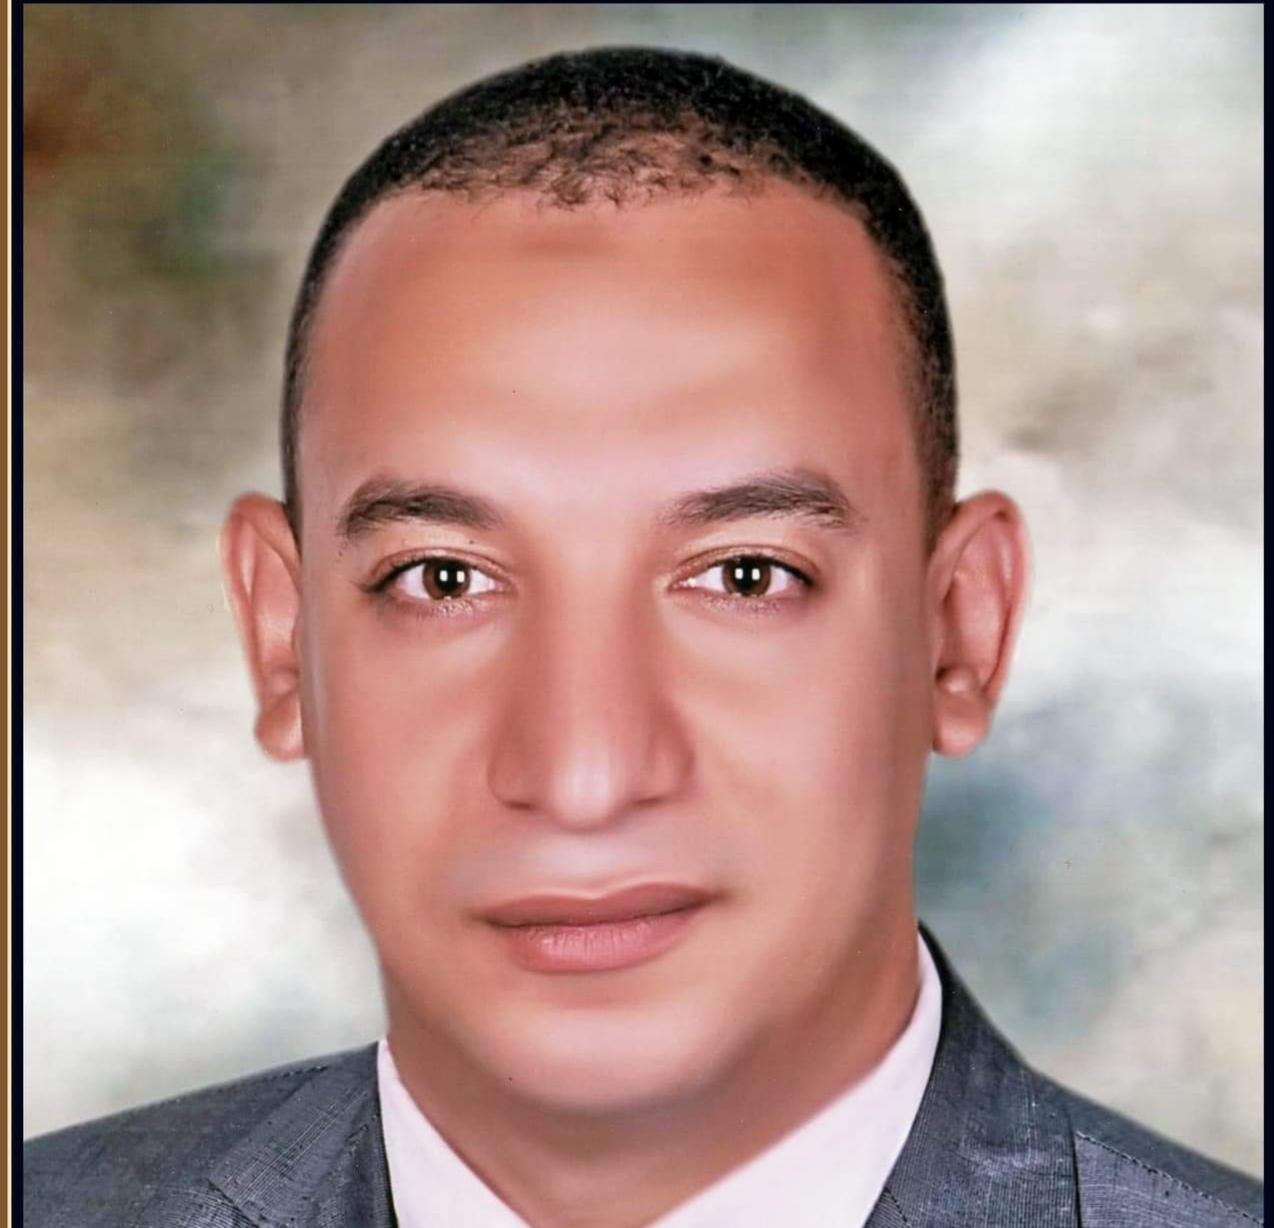 اصدقائي كالشموس بقلم الدكتور: أحمد مقلد